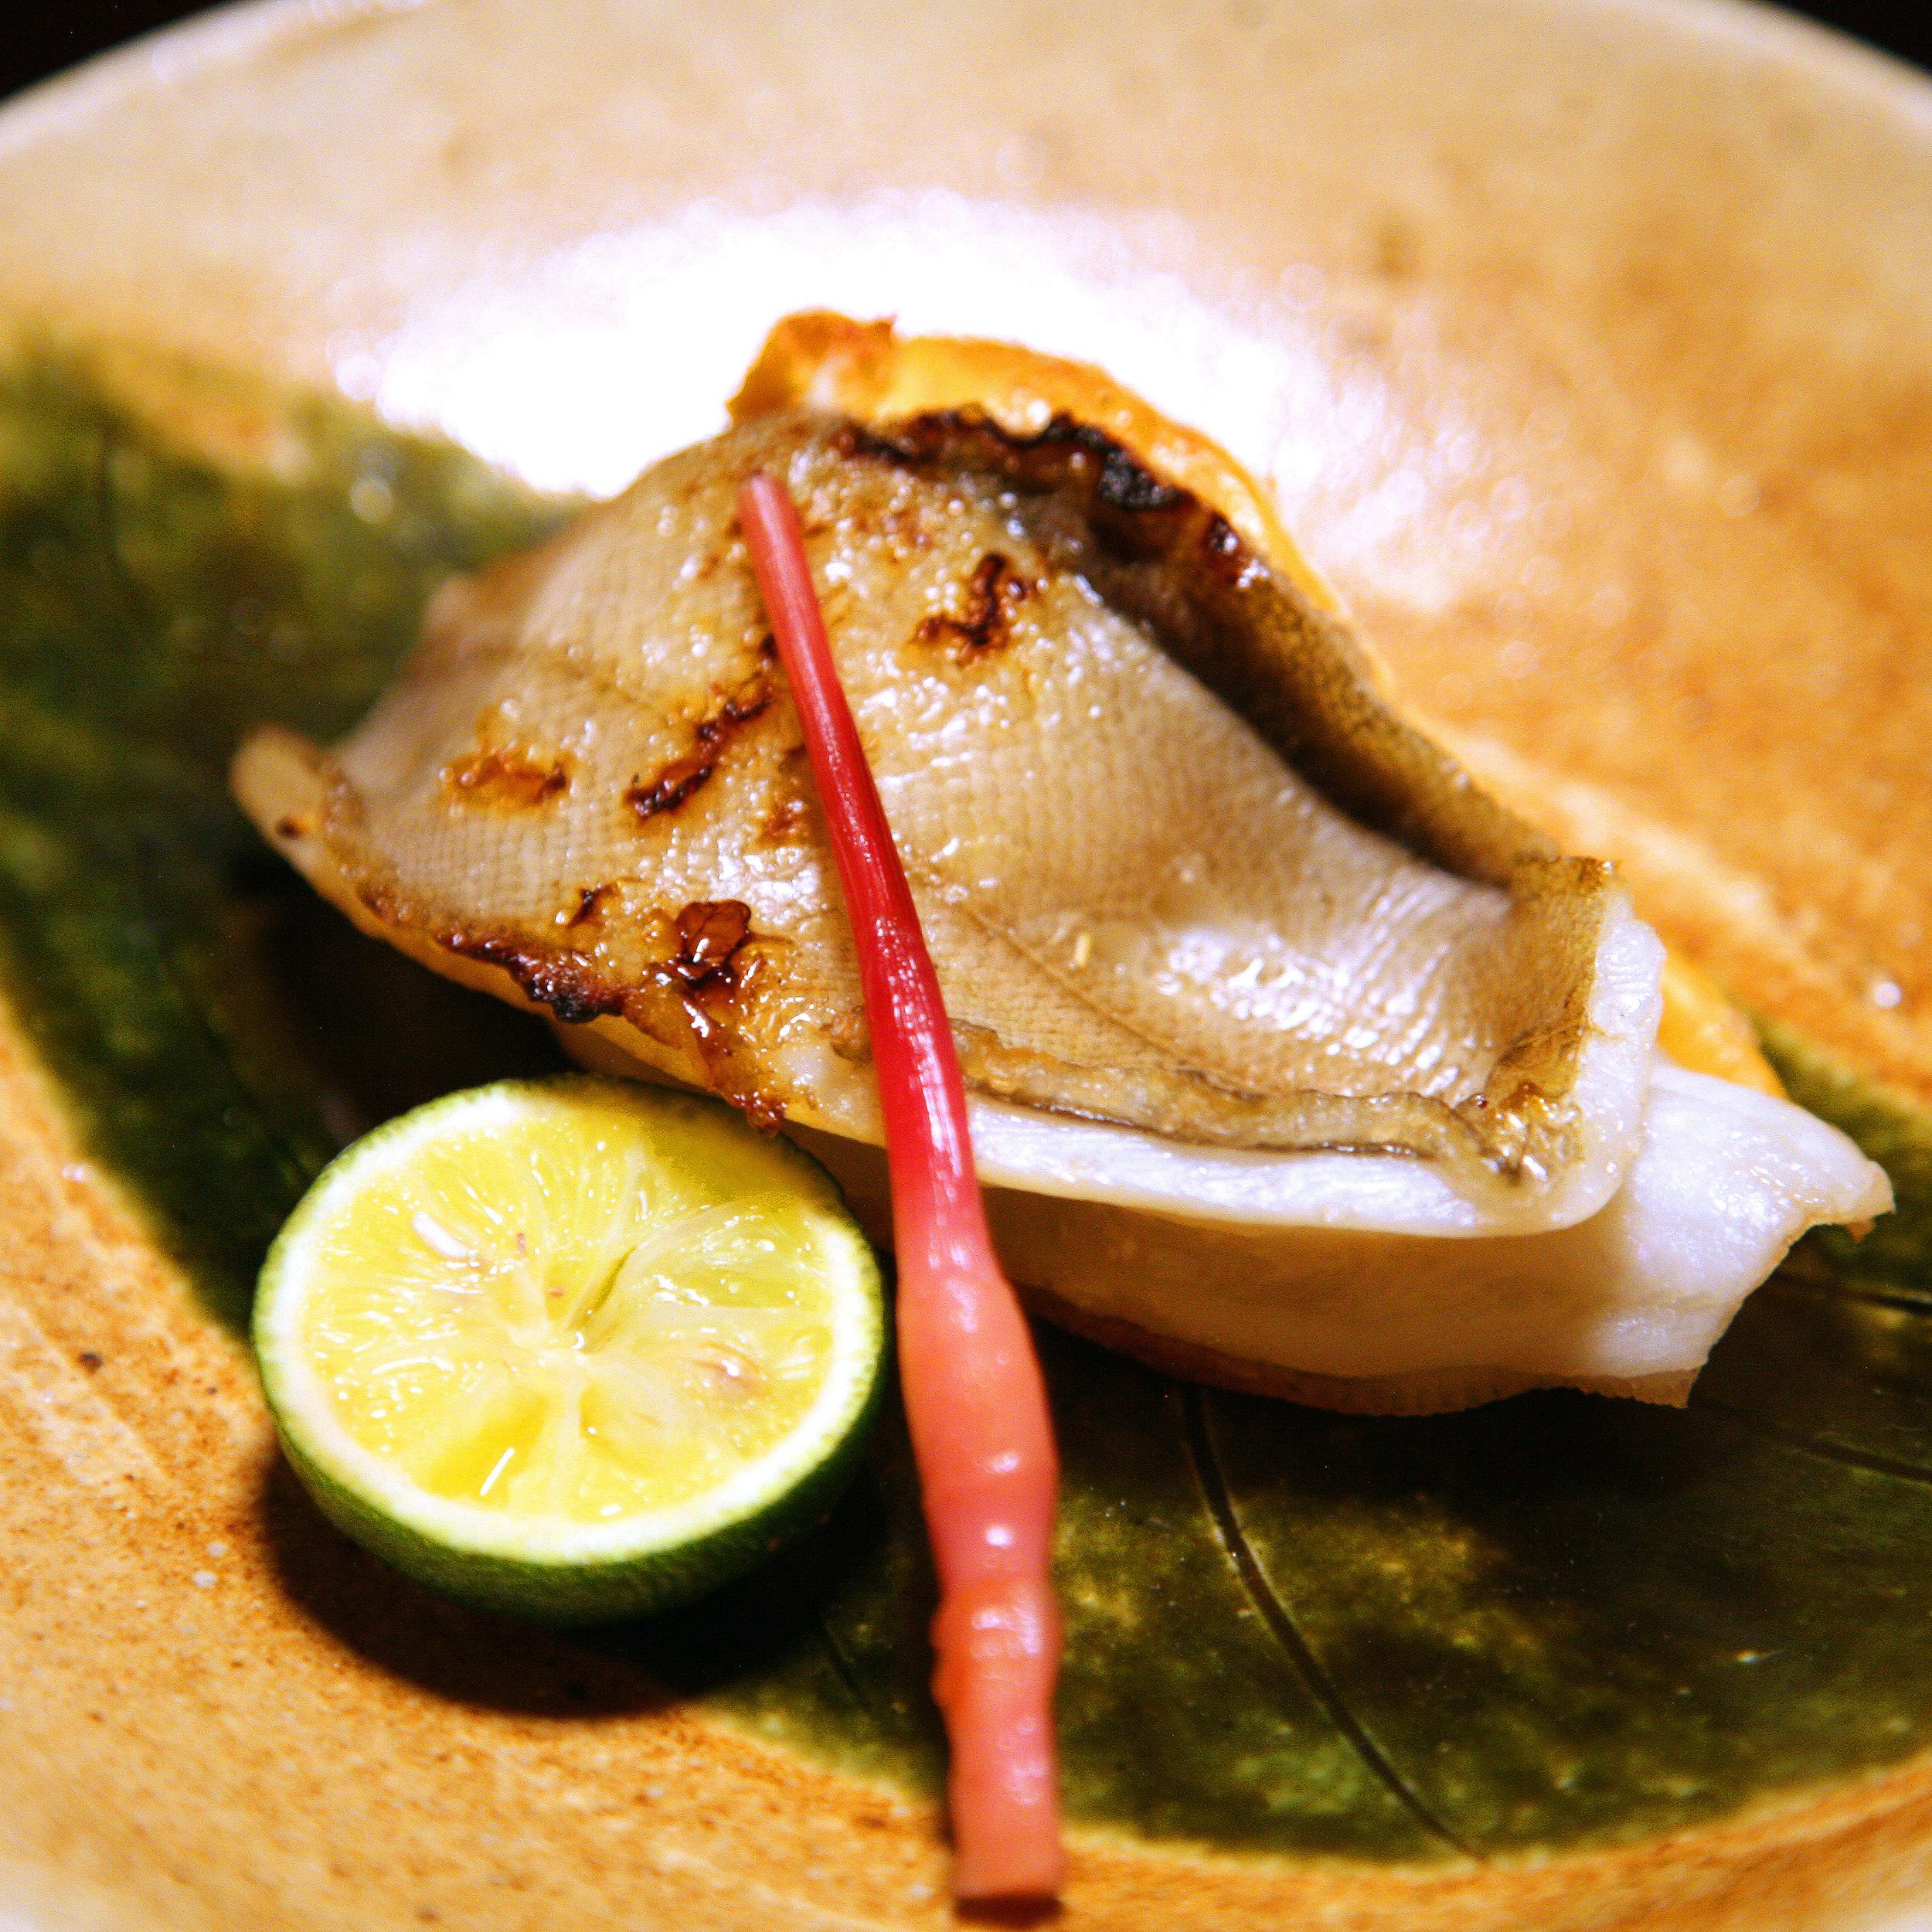 Takamura, Tokyo - Small dried fish